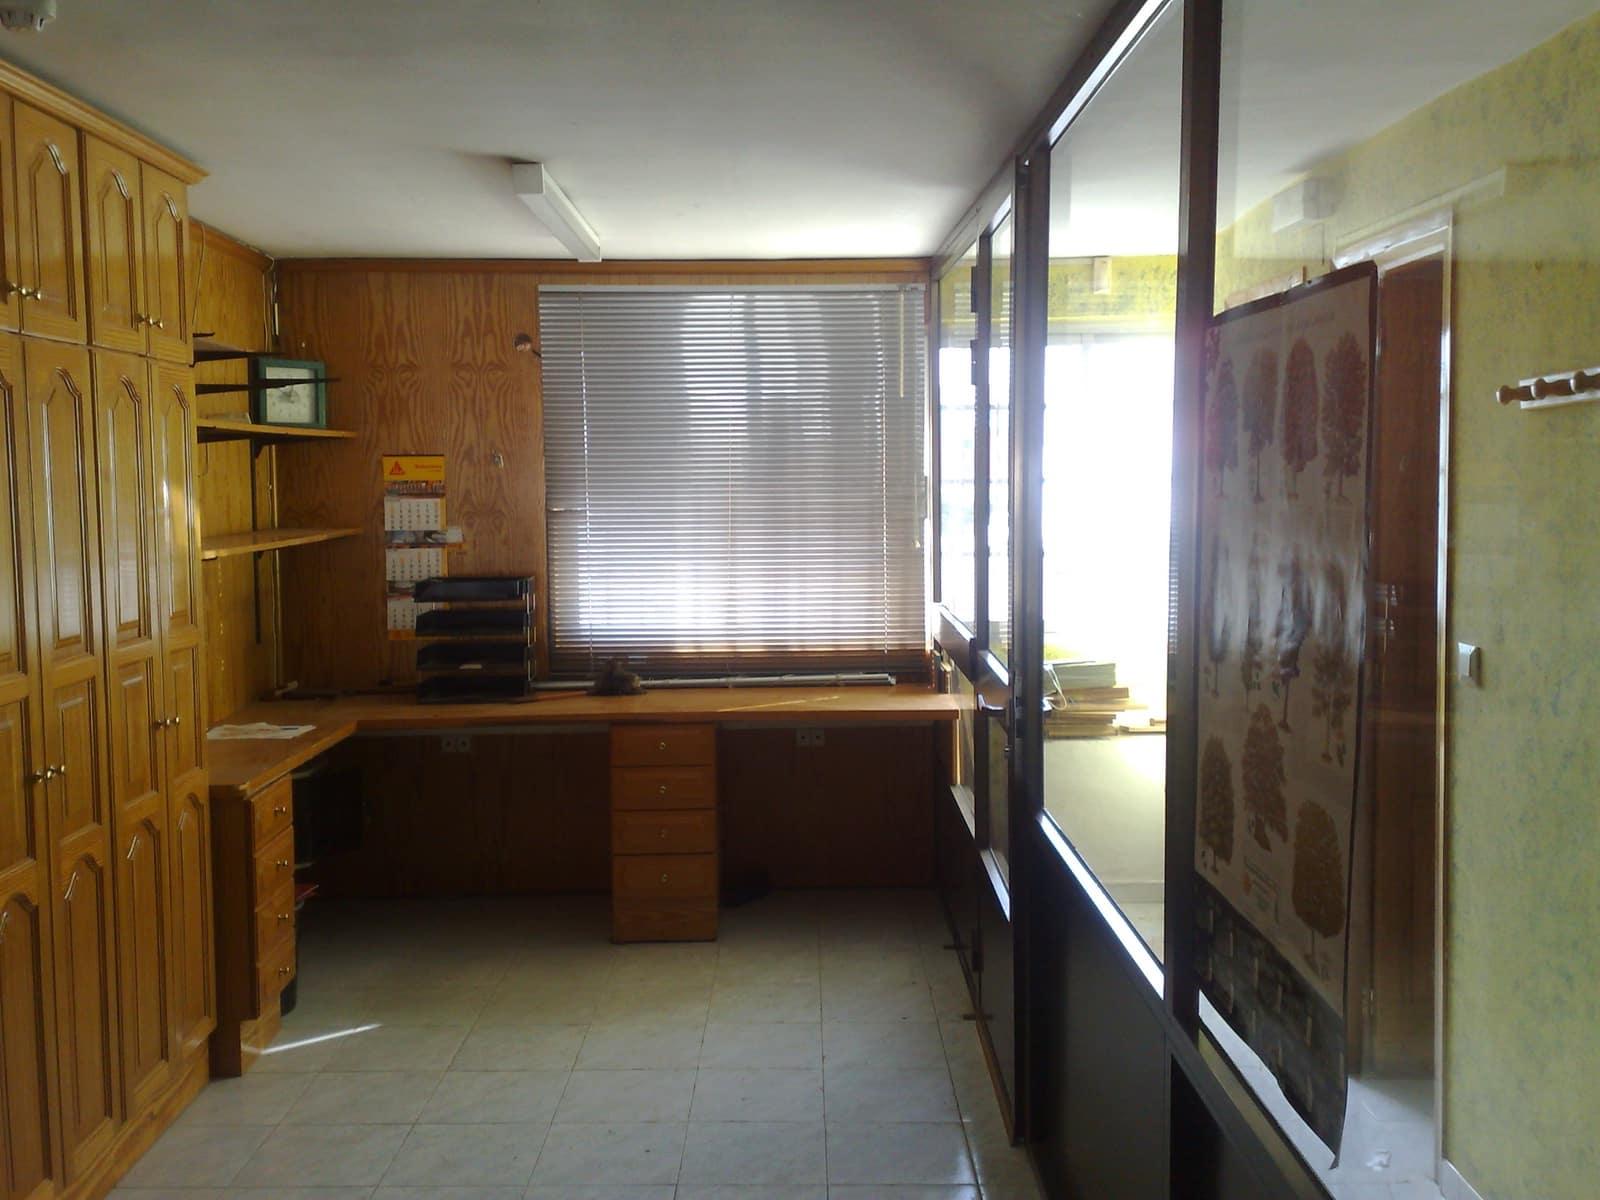 Local Comercial en Ondara en venta - 270.000 € (Ref: 5876079)